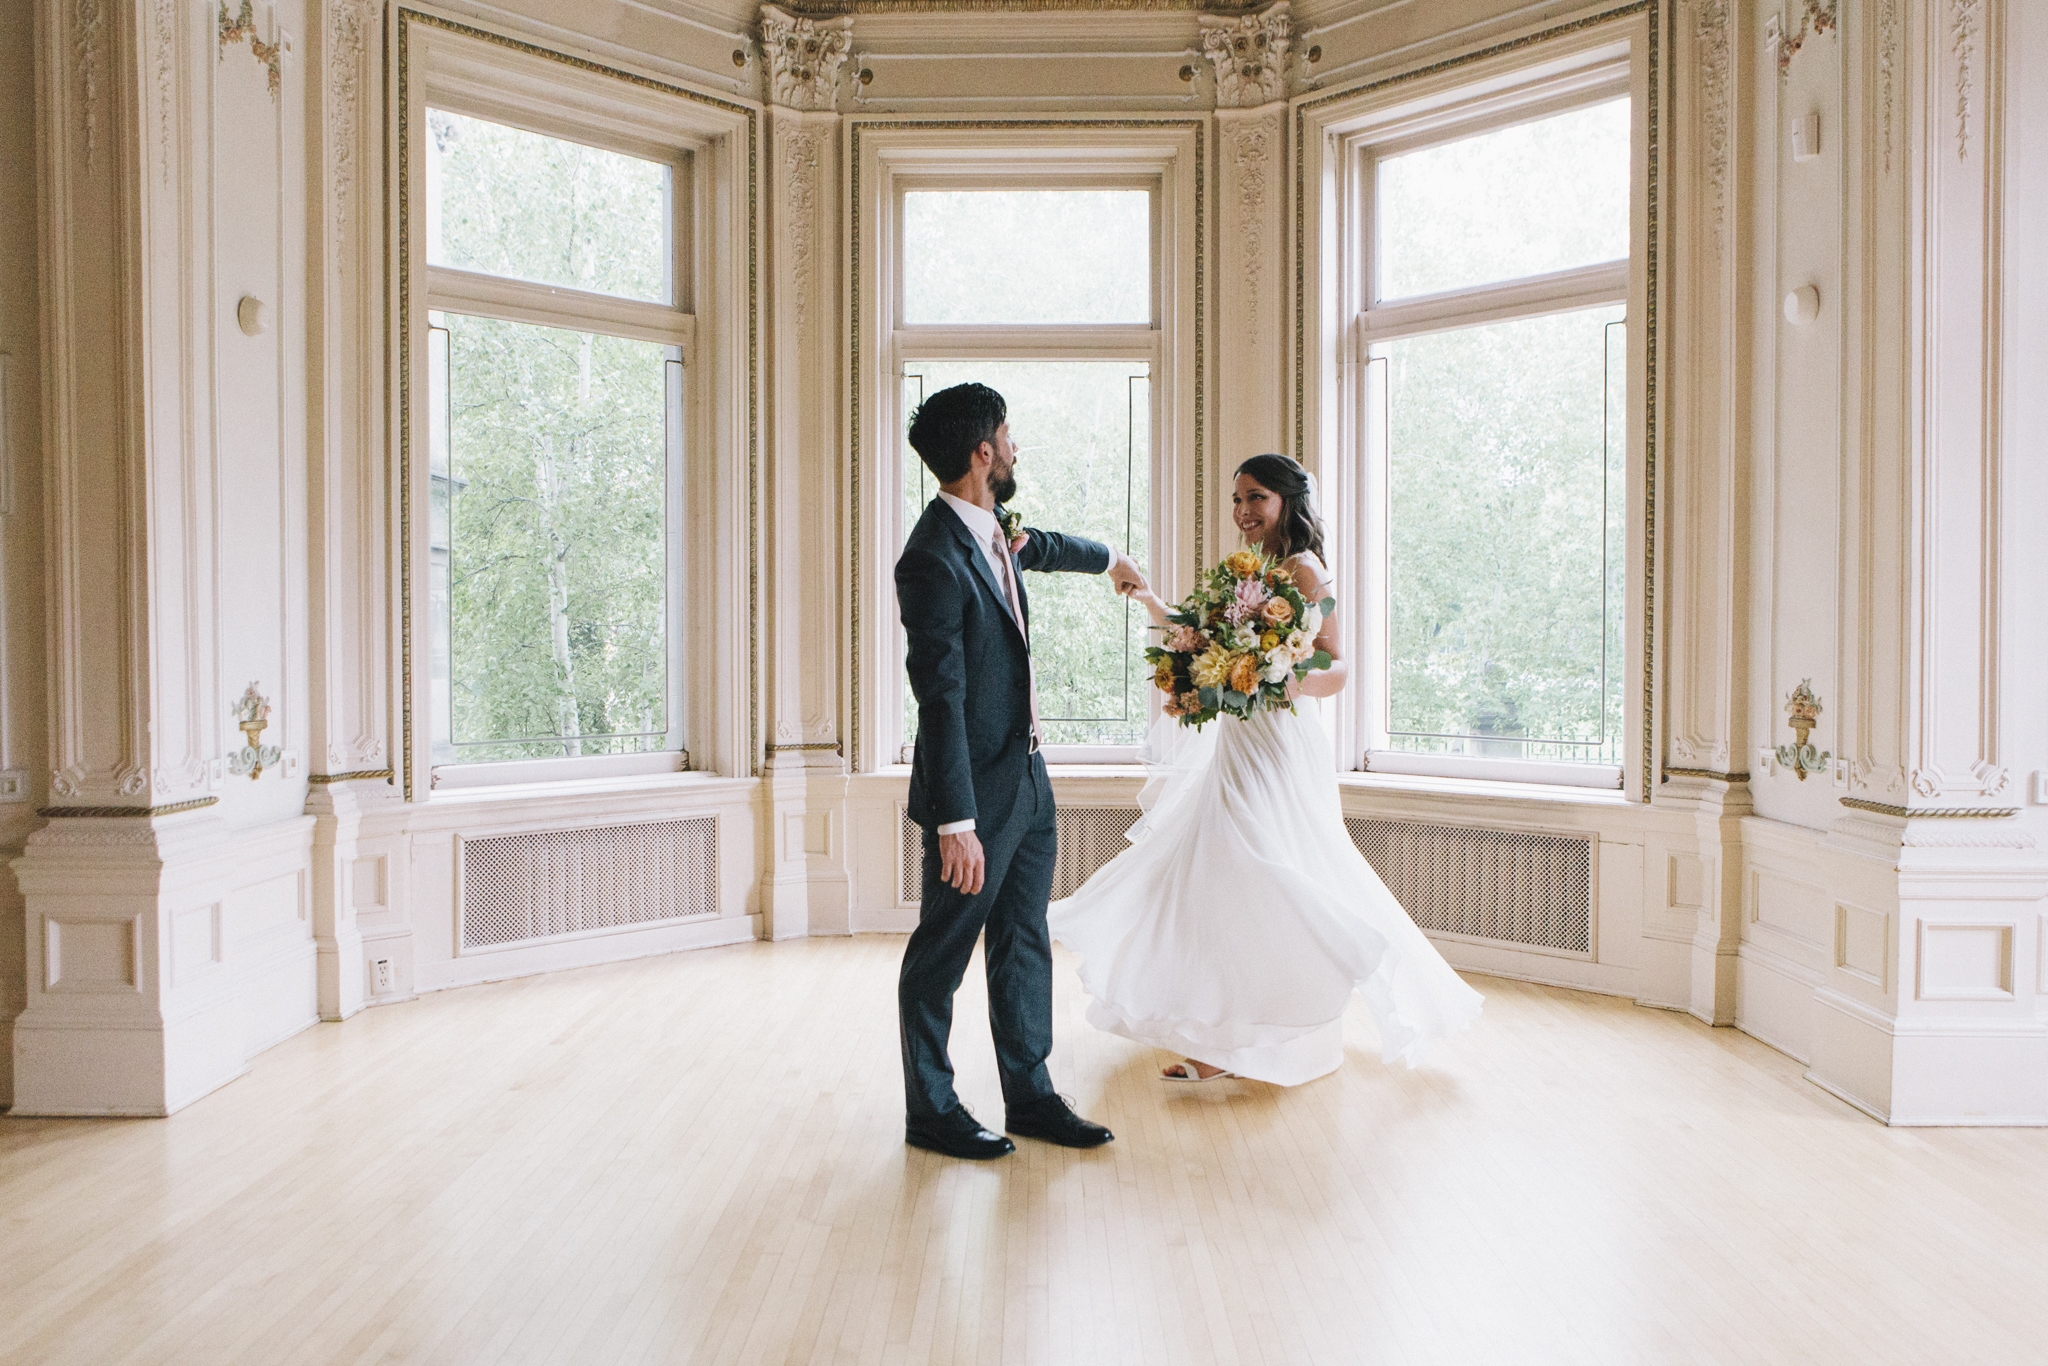 harlan_megmike_wedding_90.jpg